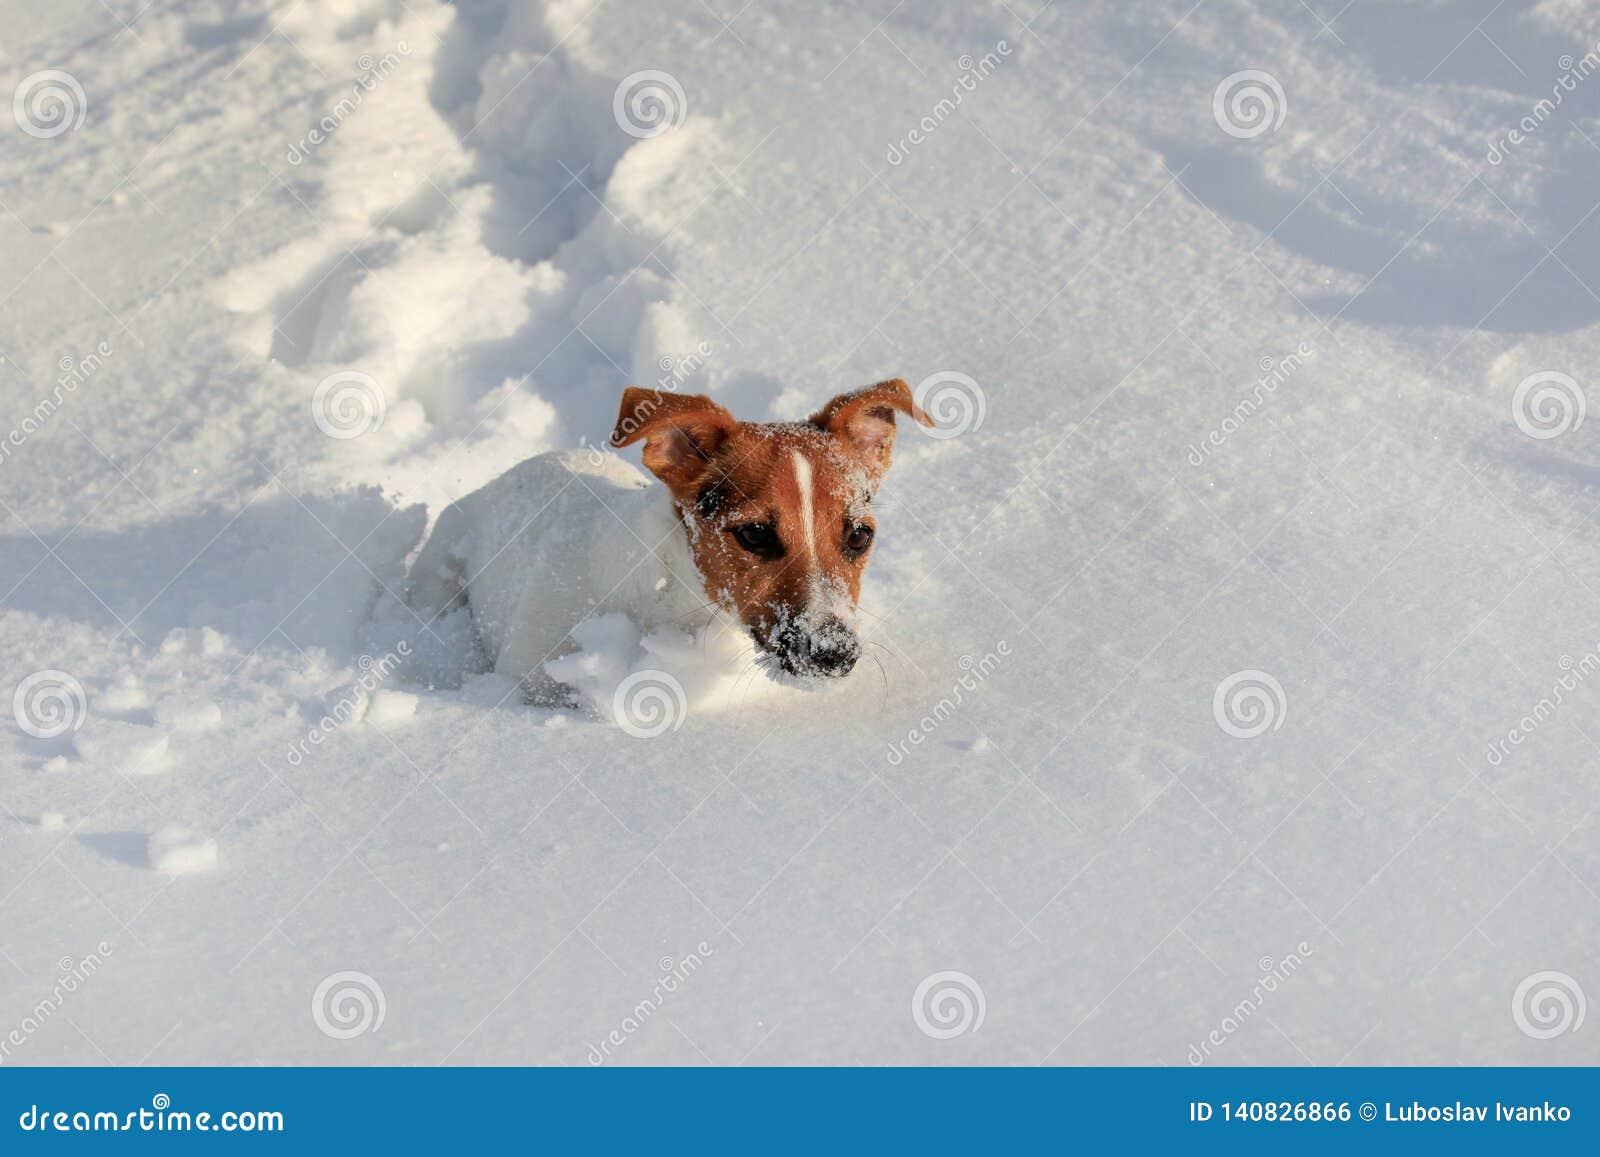 Pequeño terrier que corre en nieve profunda, su blanco de Jack Russell de la cara de cristales de hielo